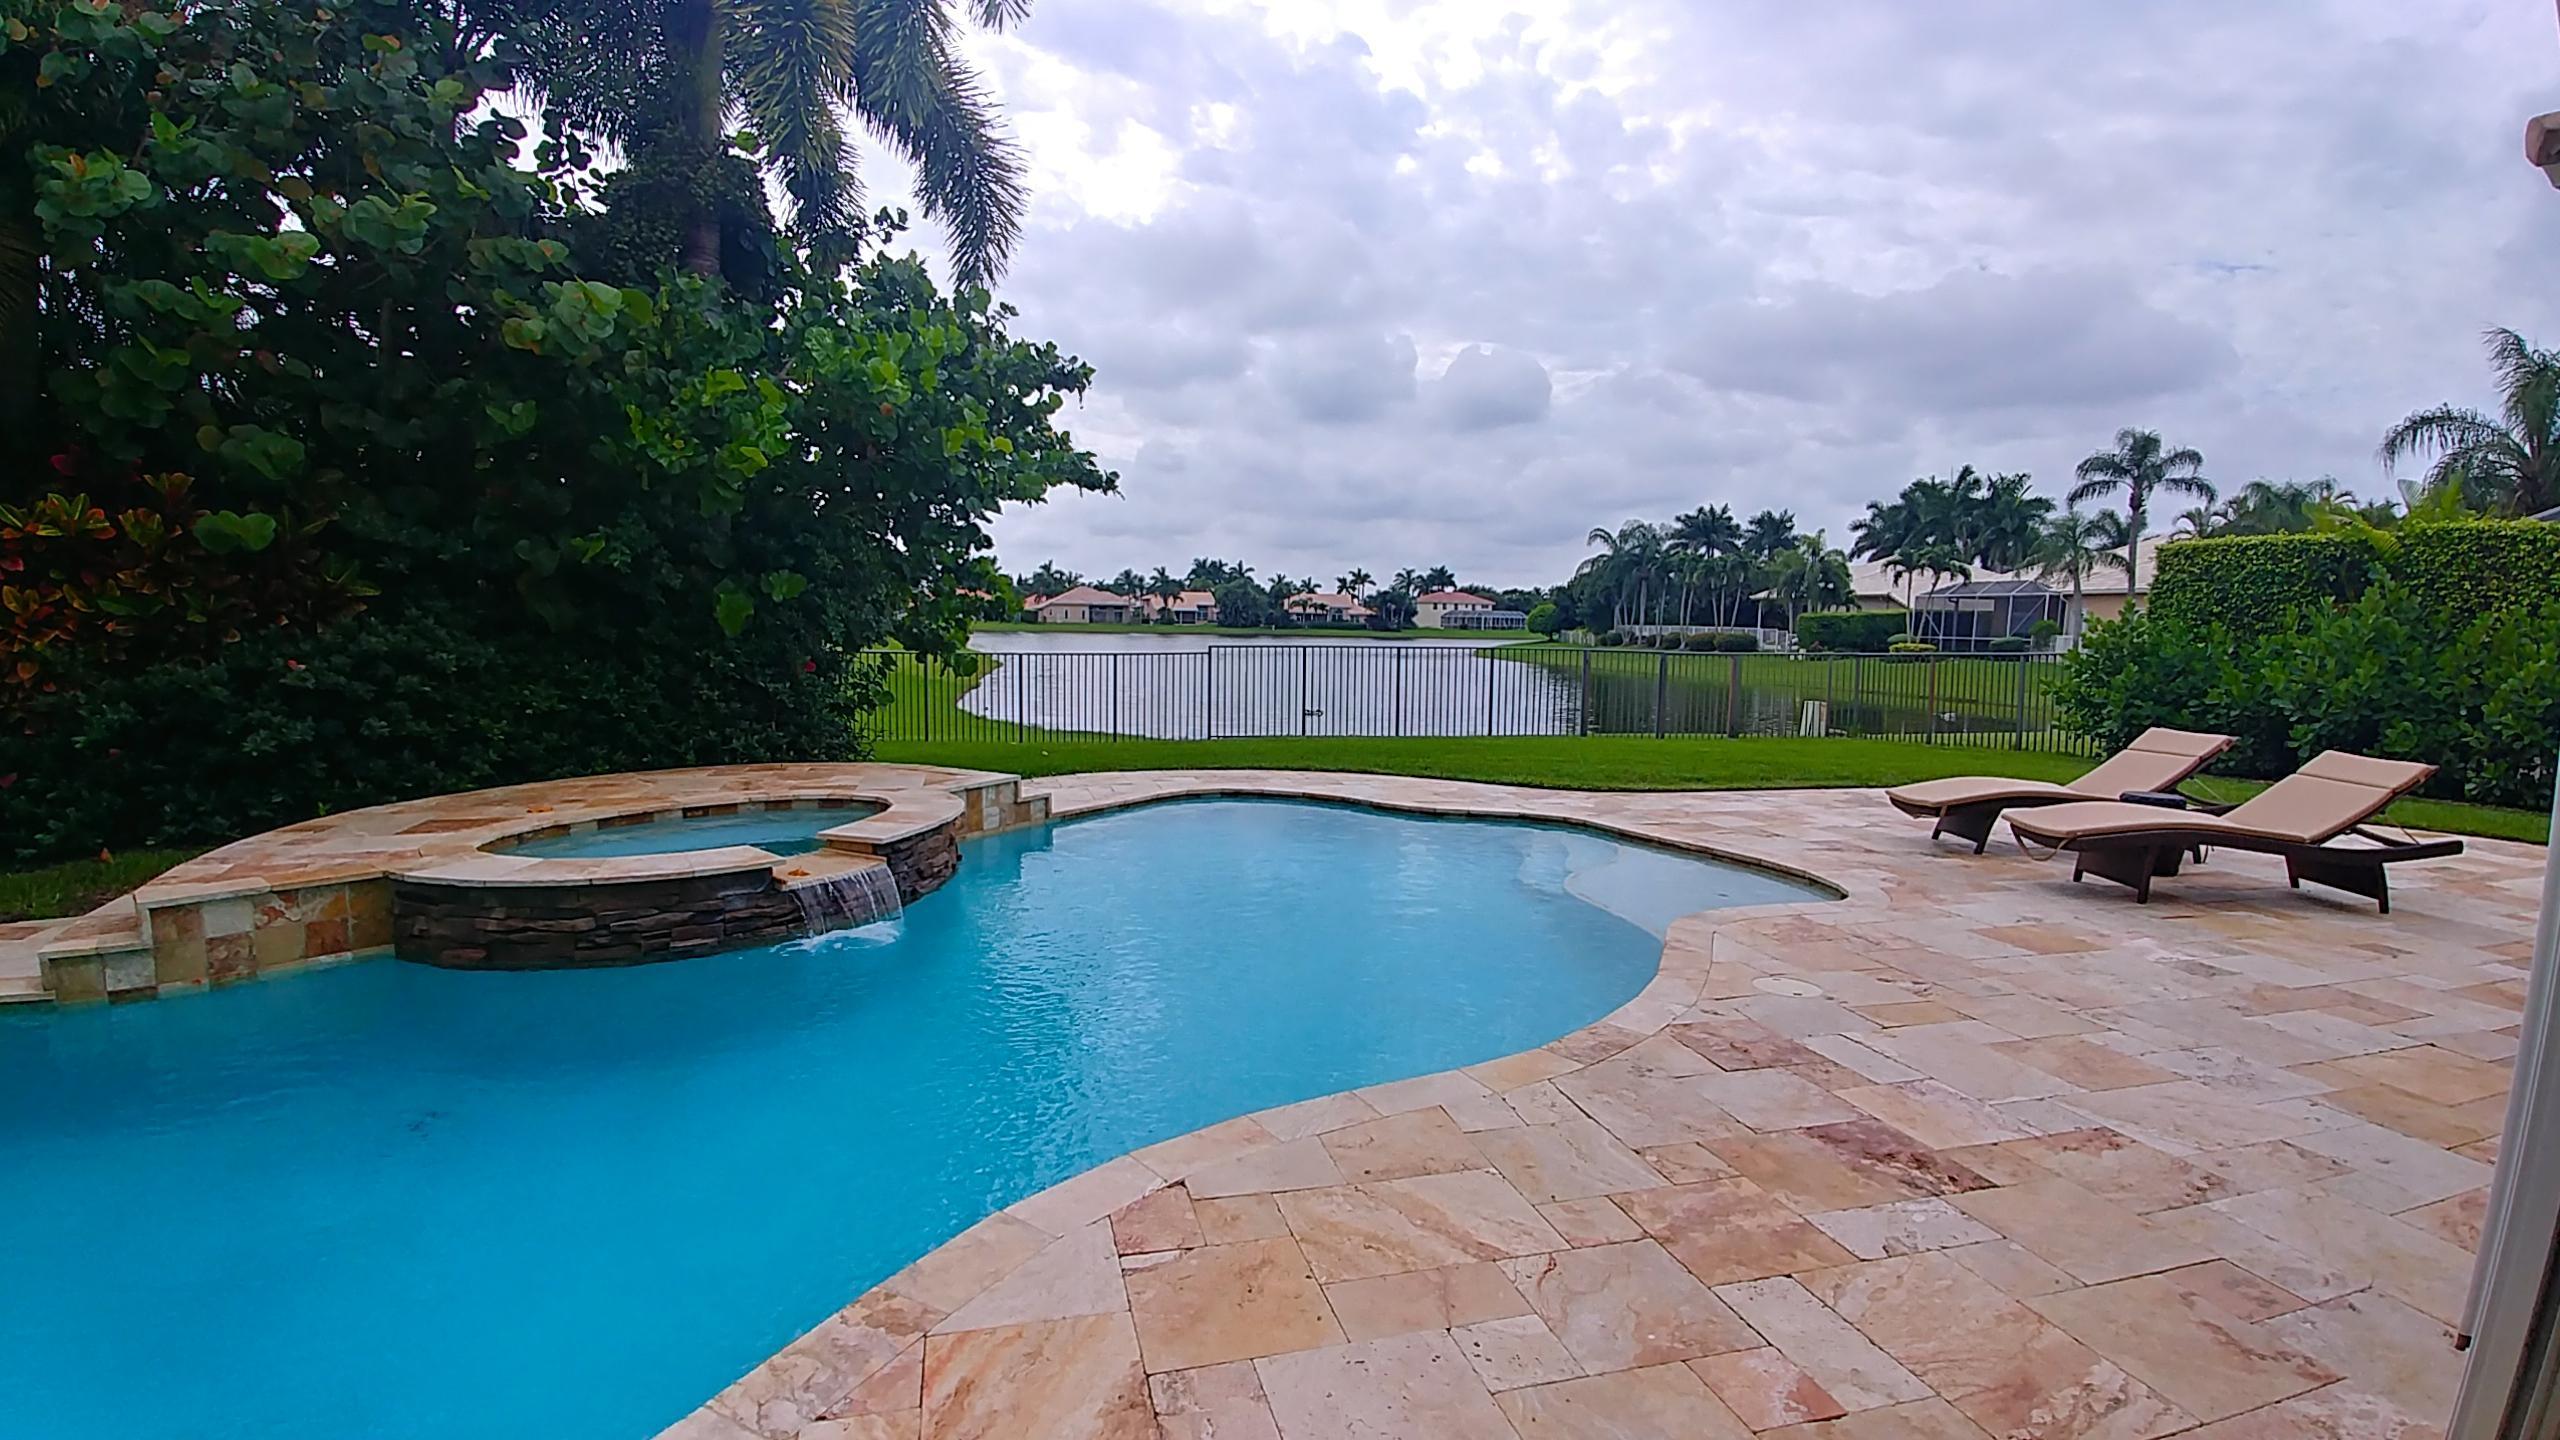 Photo of 21376 Crestfalls Court, Boca Raton, FL 33428